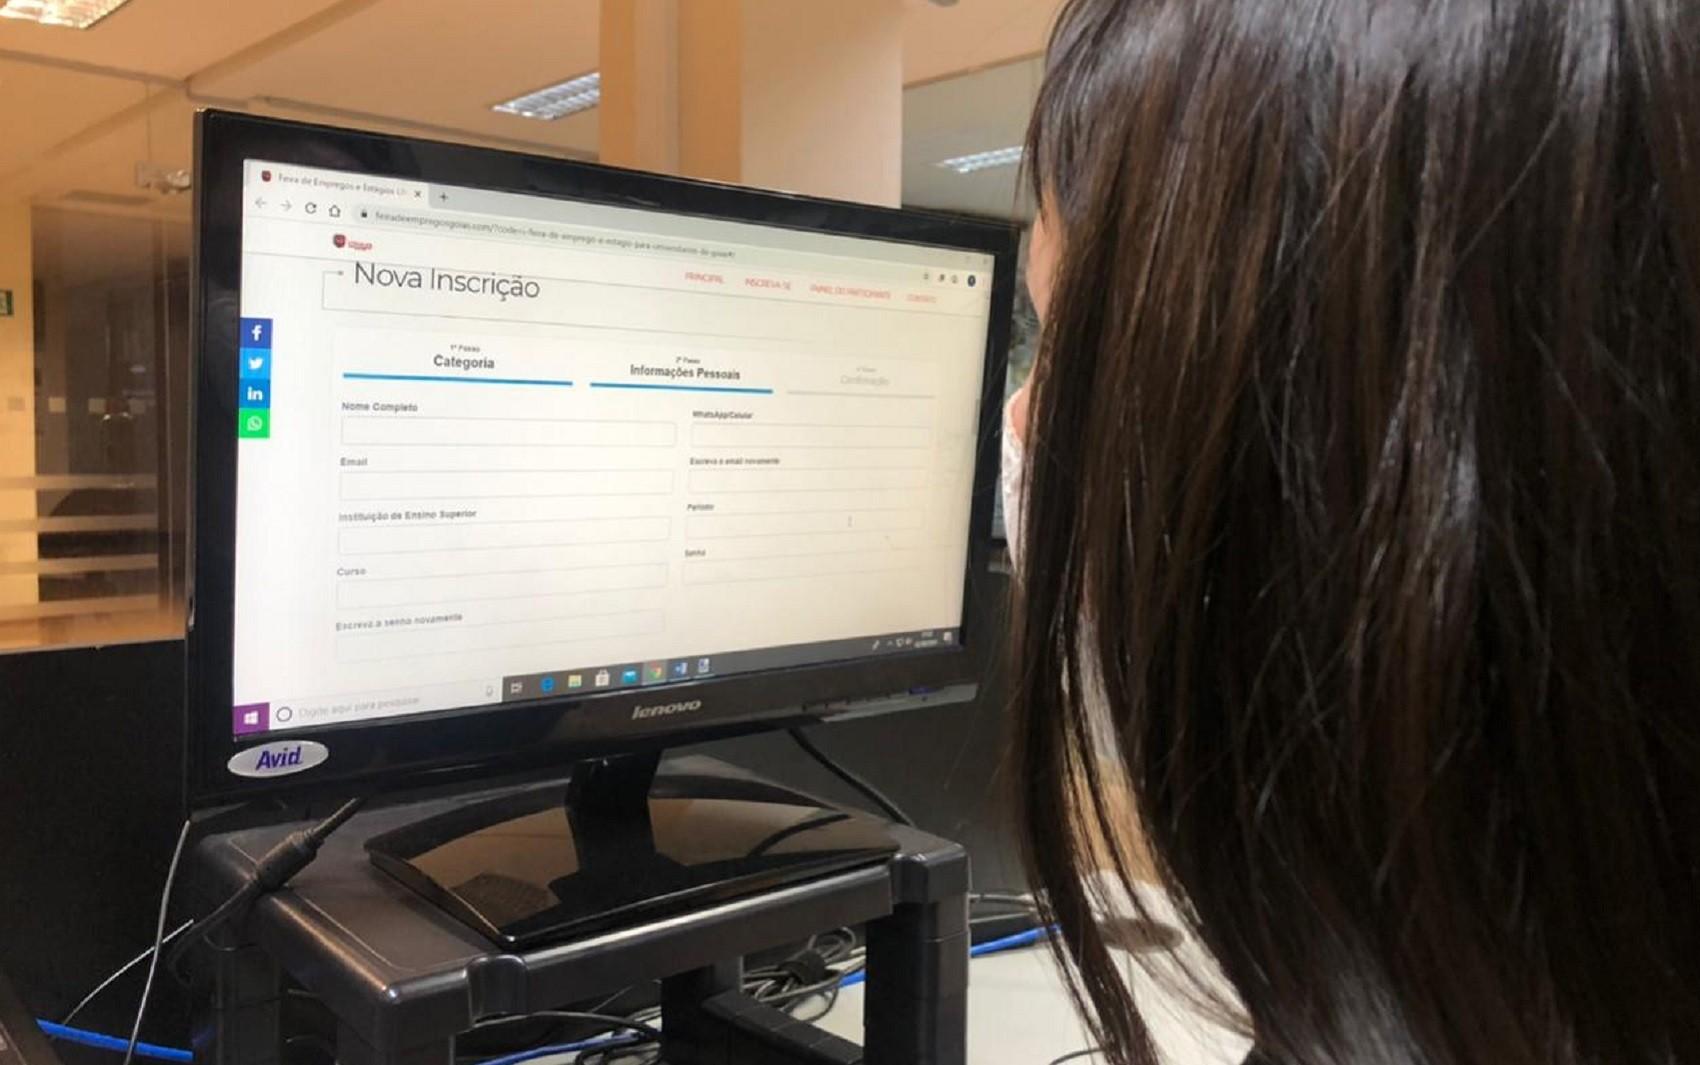 Feira com mais de 3 mil vagas de emprego e estágio está com inscrições abertas em Goiás